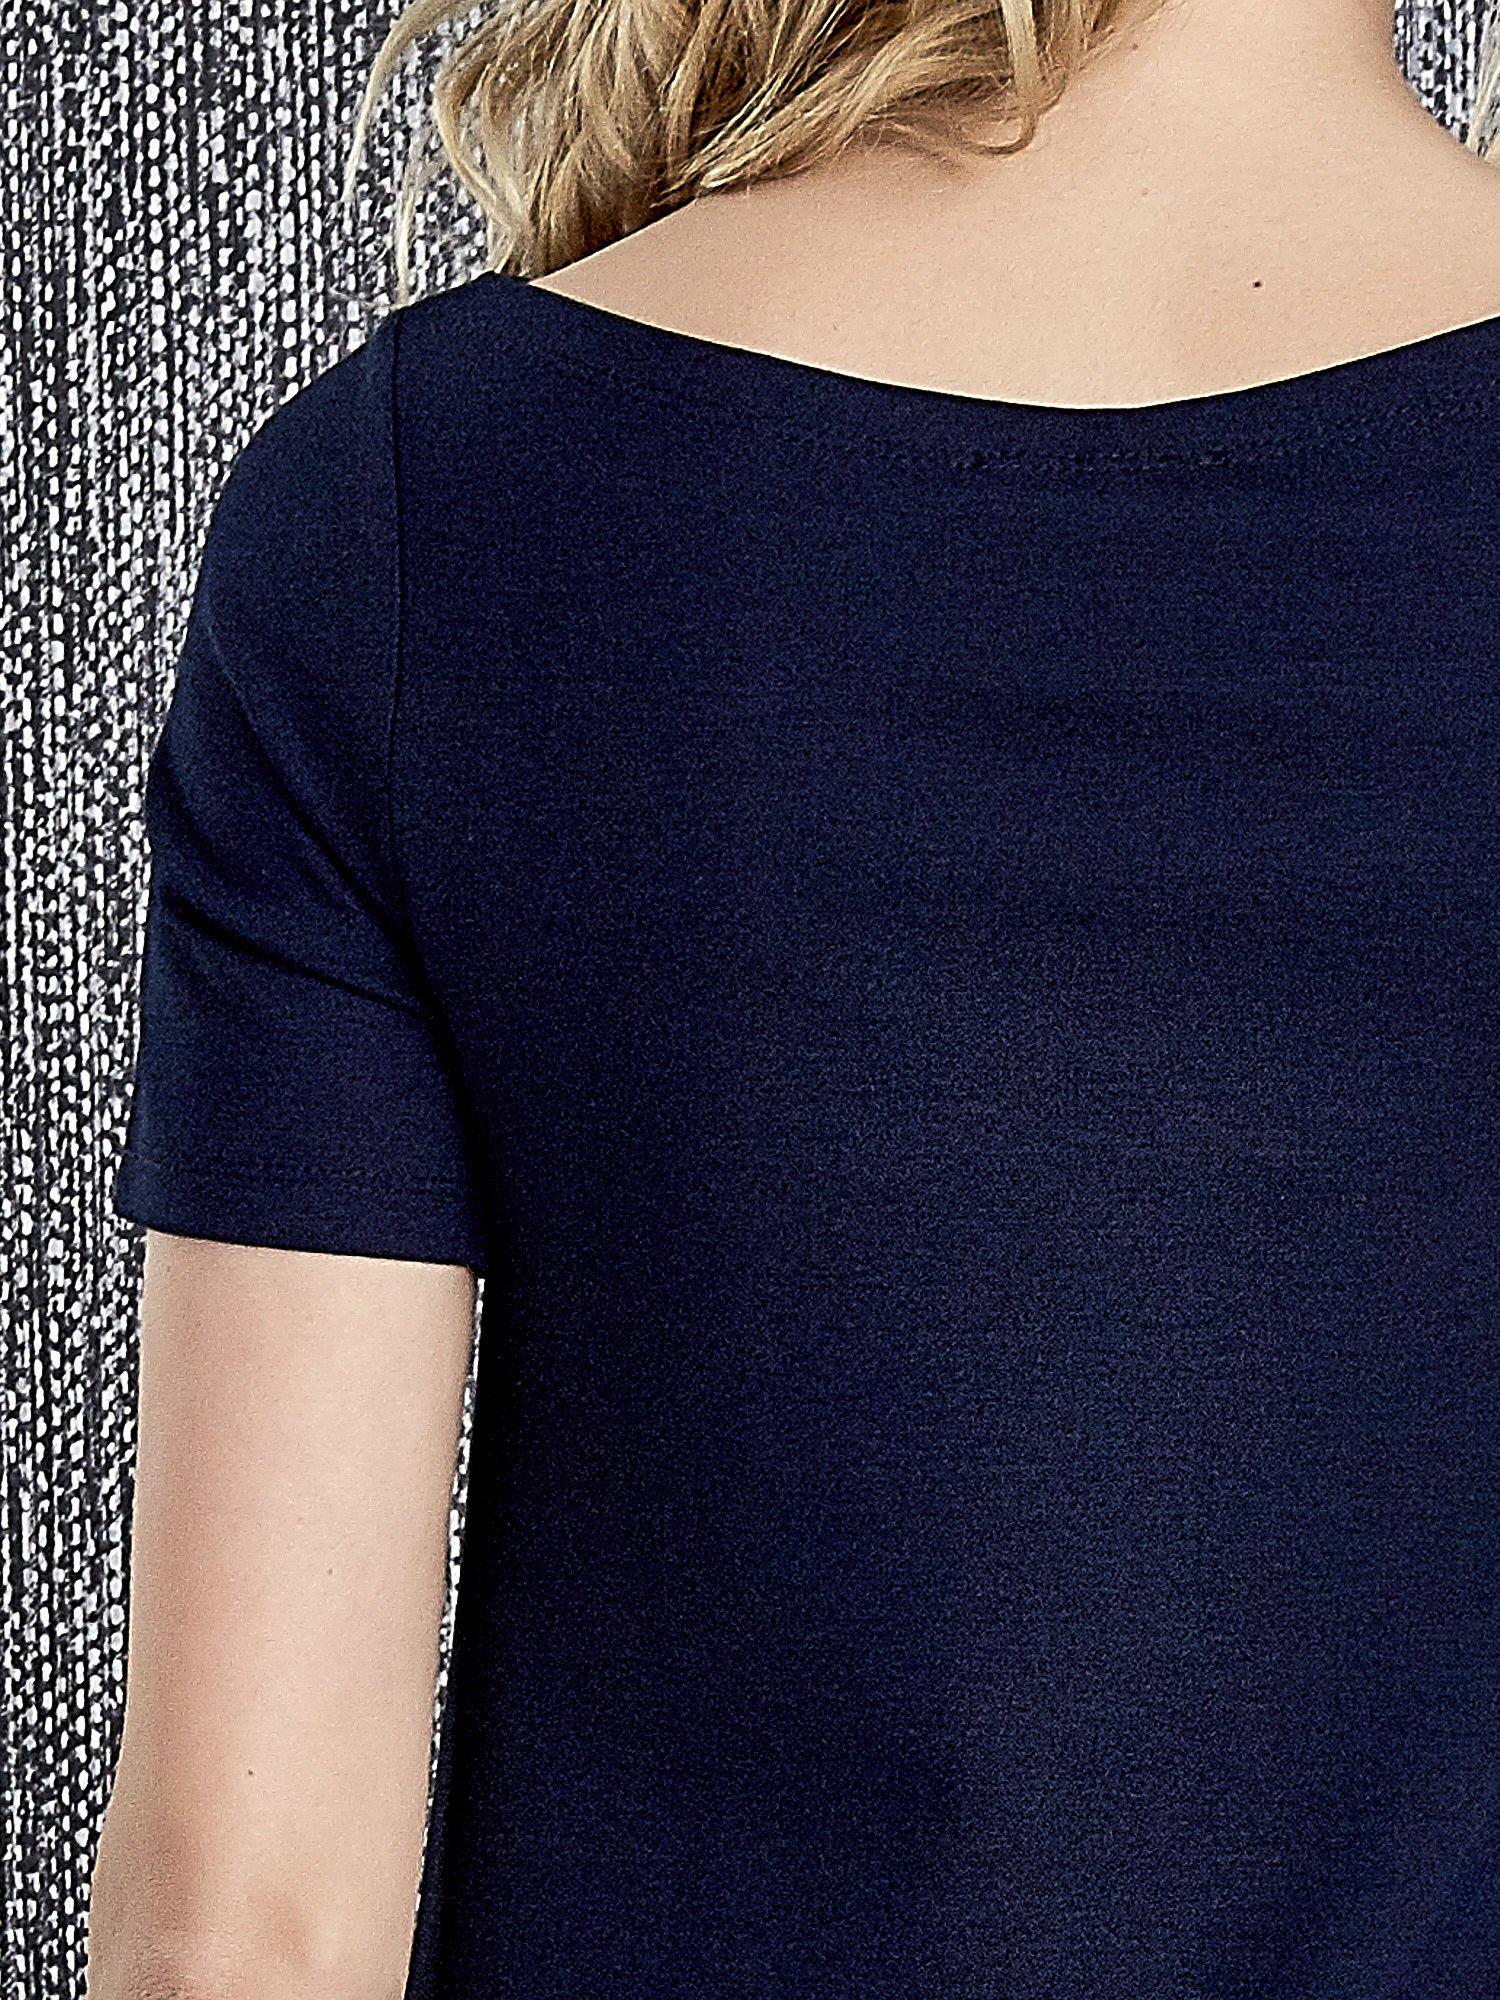 Granatowa trapezowa sukienka z kieszeniami                                  zdj.                                  5